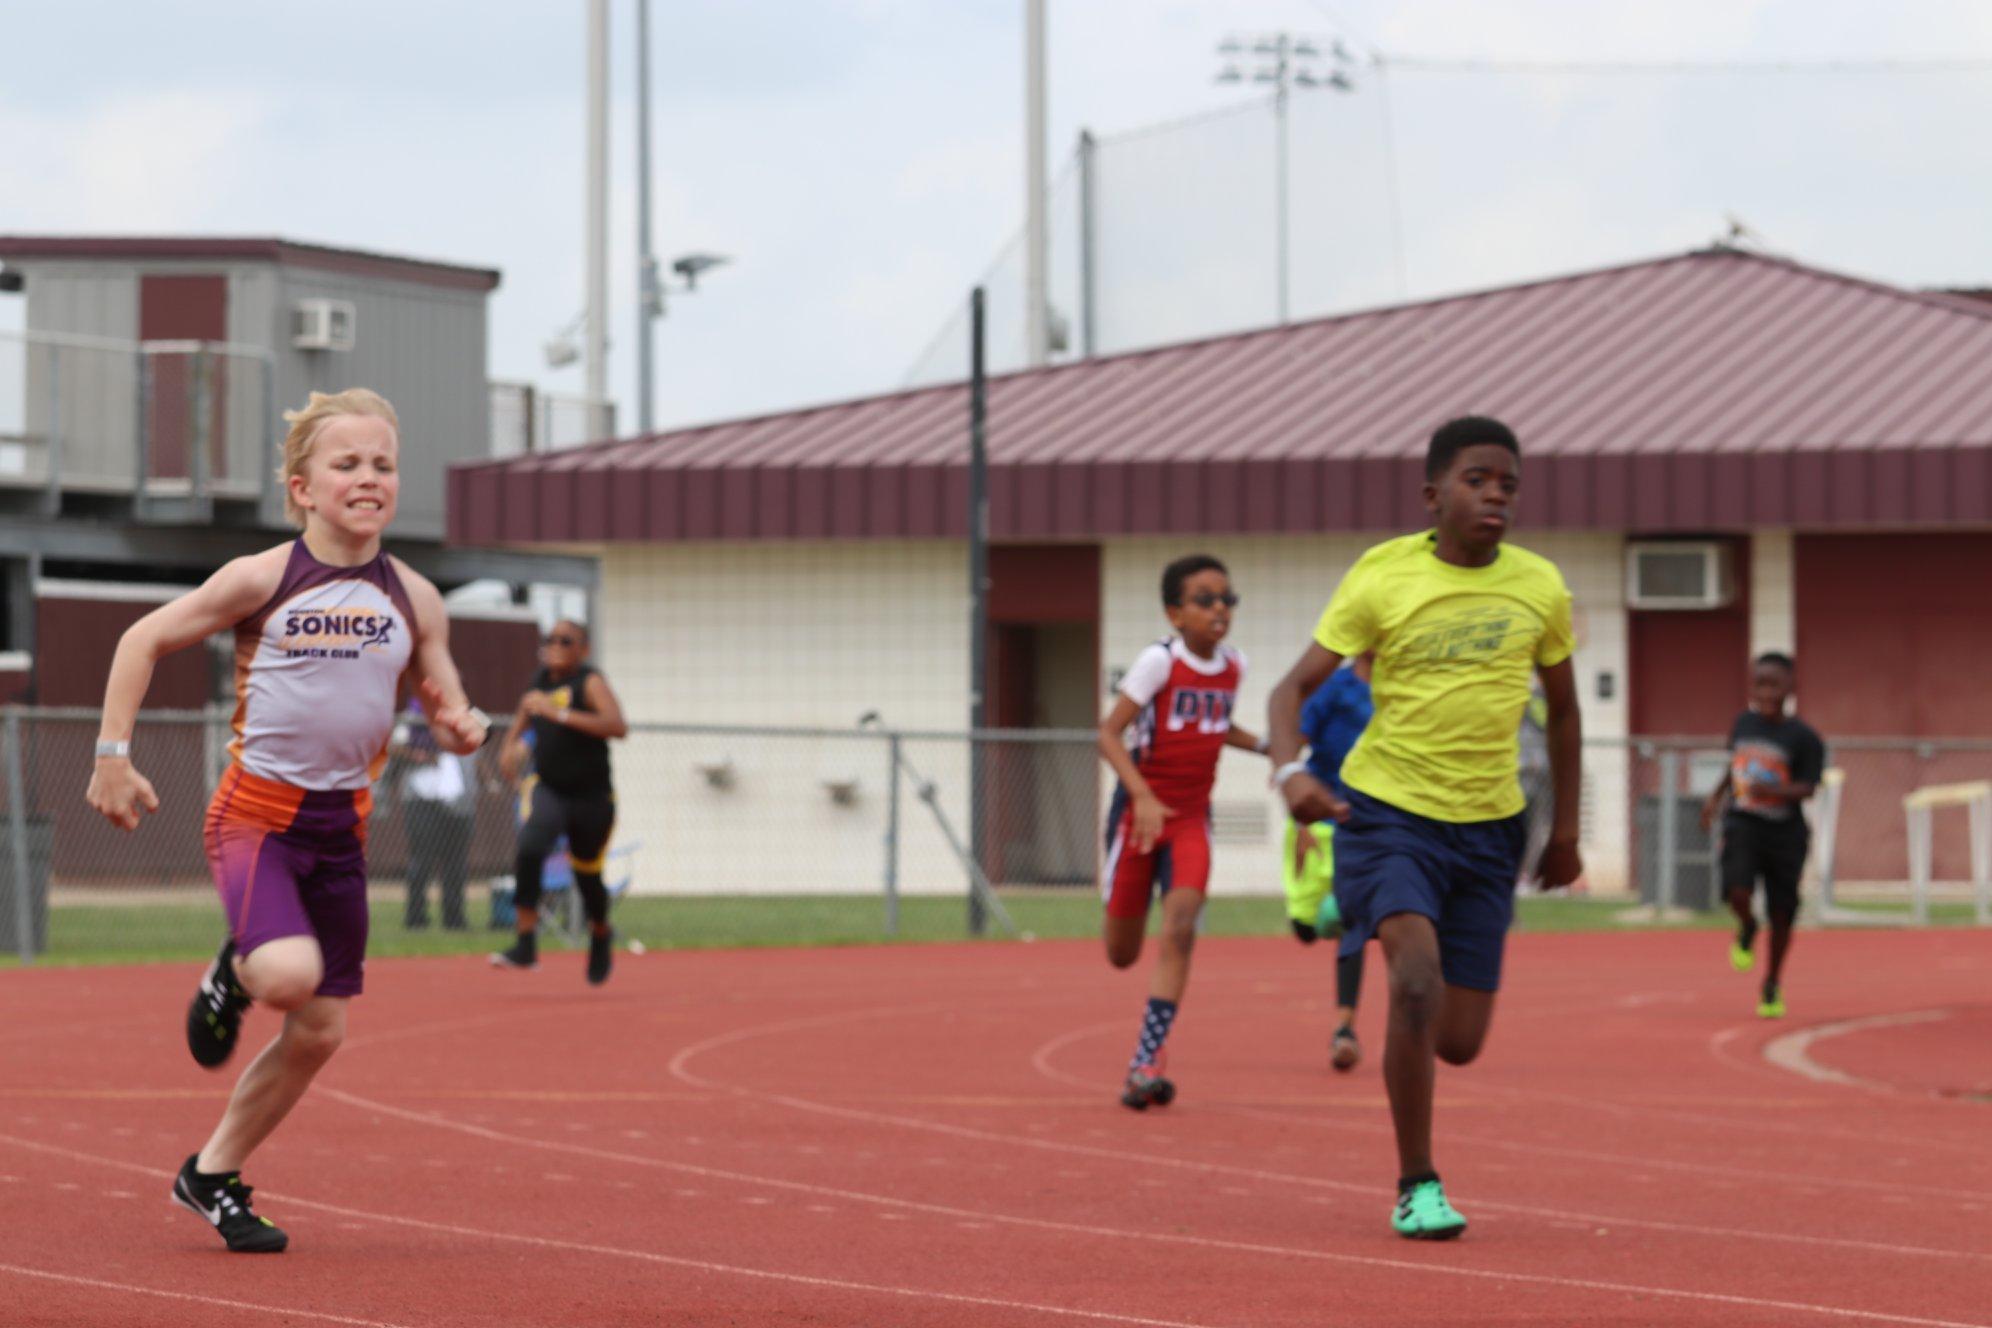 Morgan running the 400